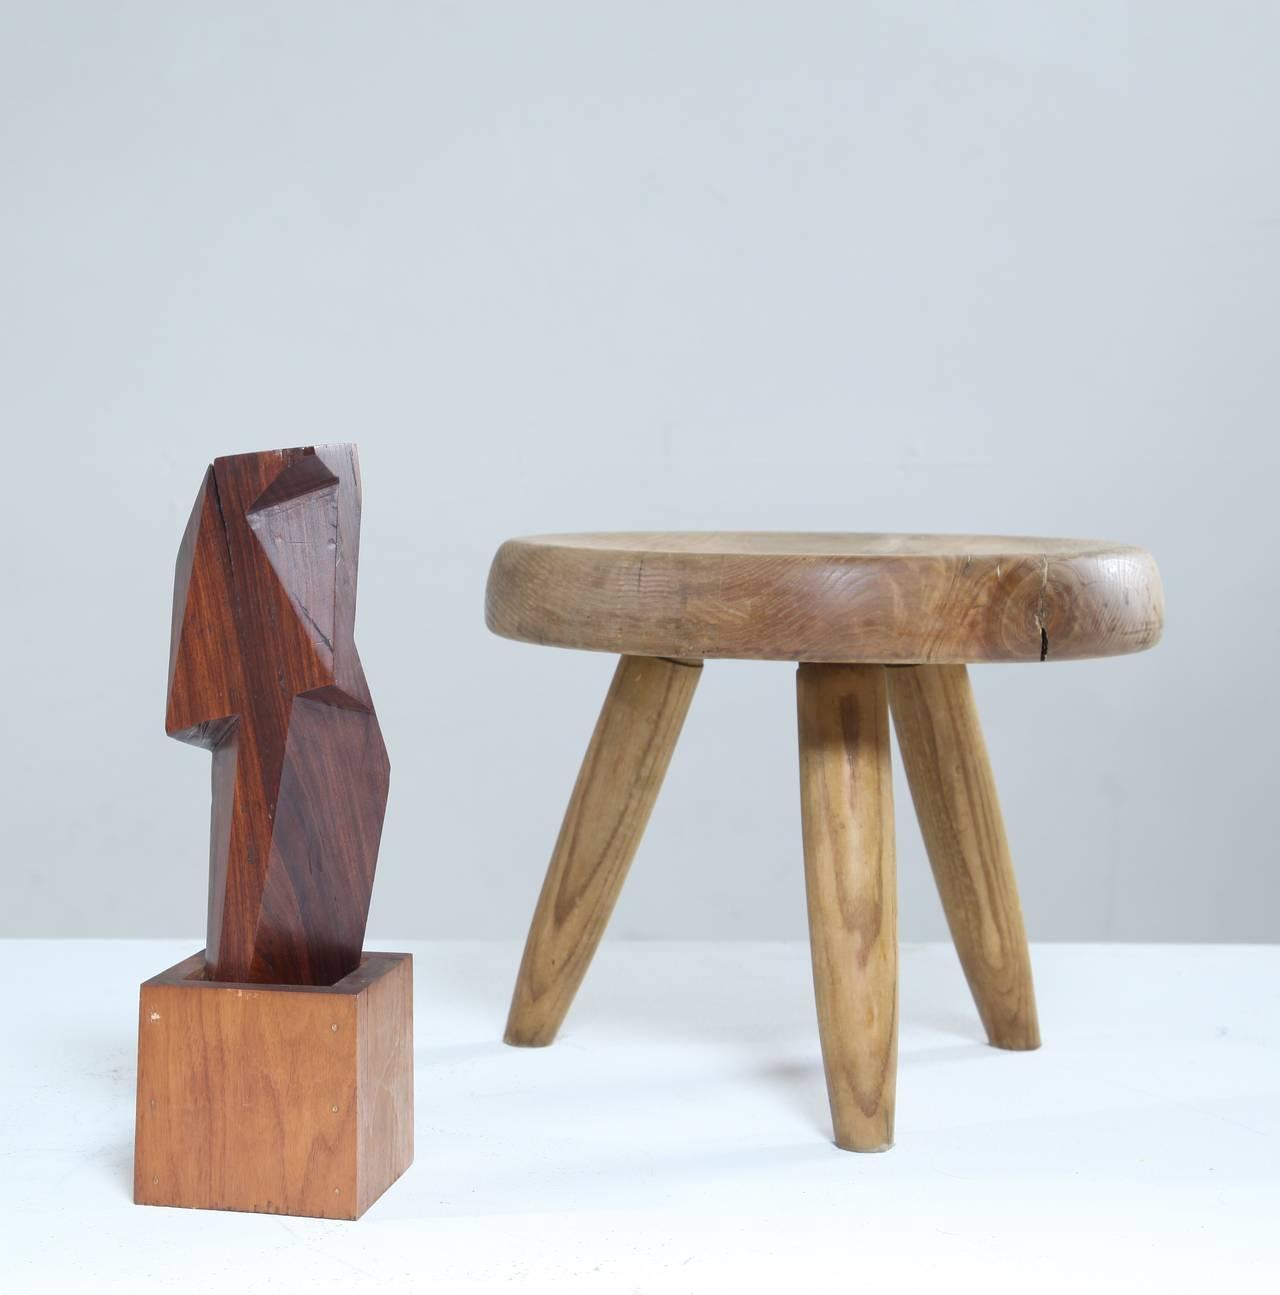 cubism furniture. David E. Rogers Cubist Sculpture - Image 3 Of 7 Cubism Furniture